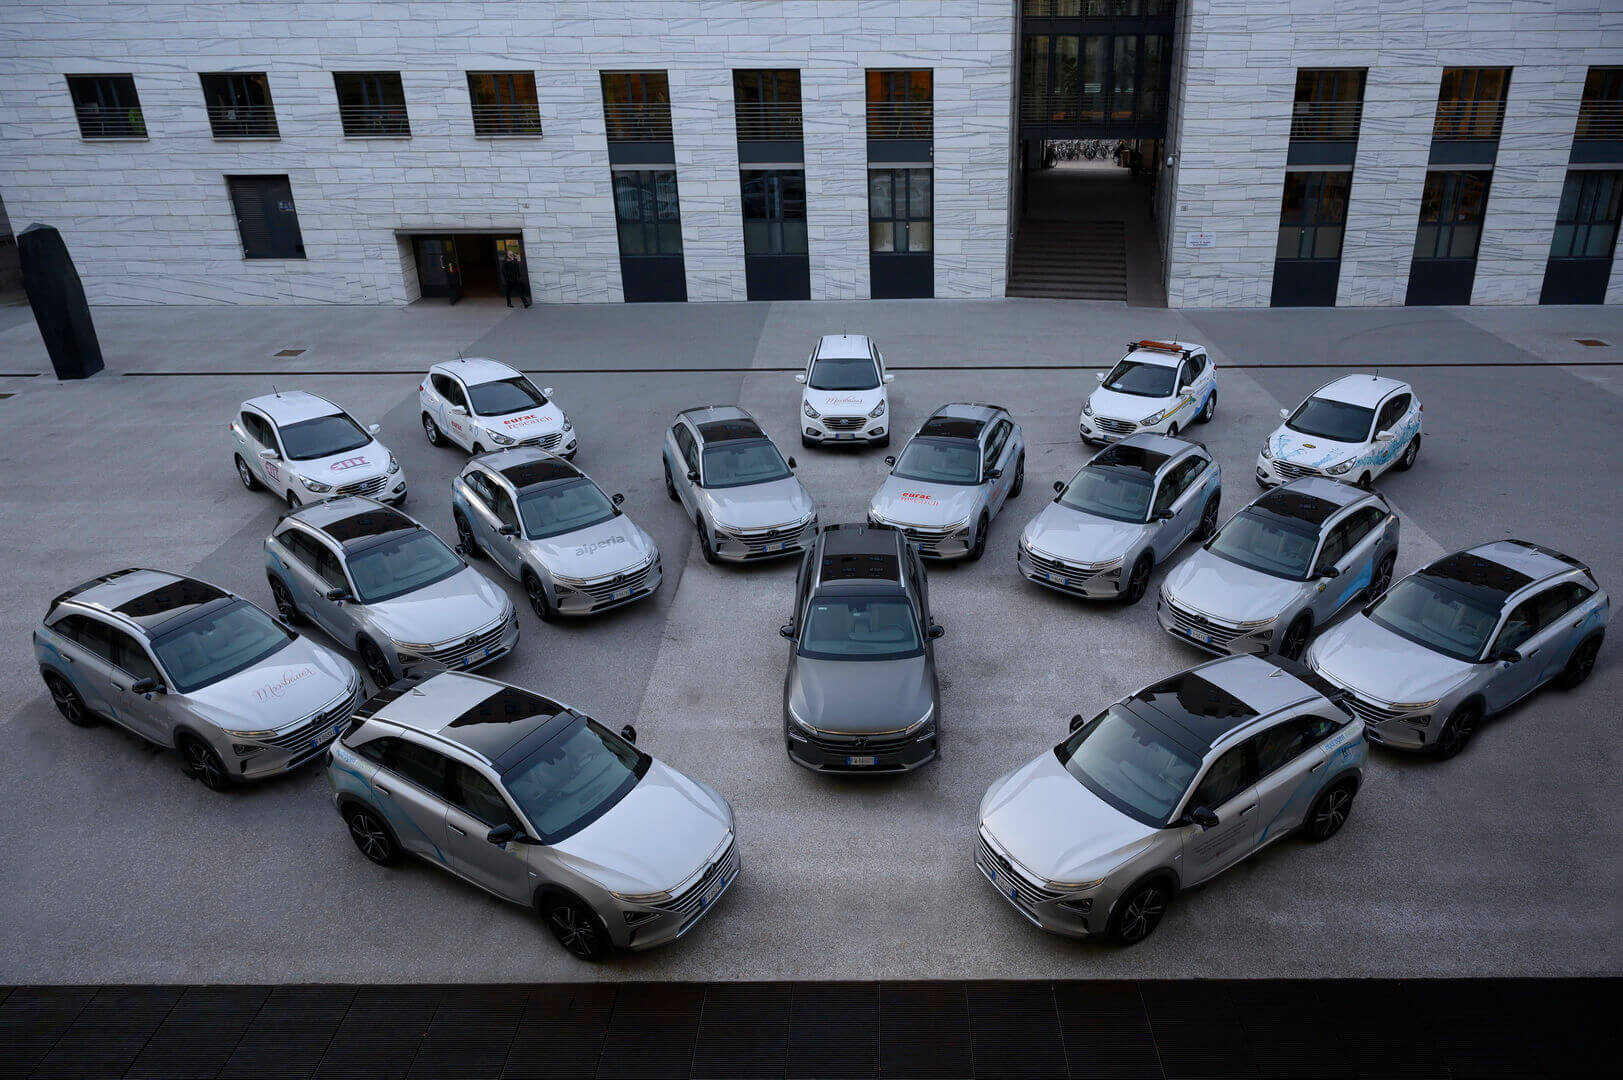 Парк полицейских экологичных машин Hyundai в Больцано, Италия